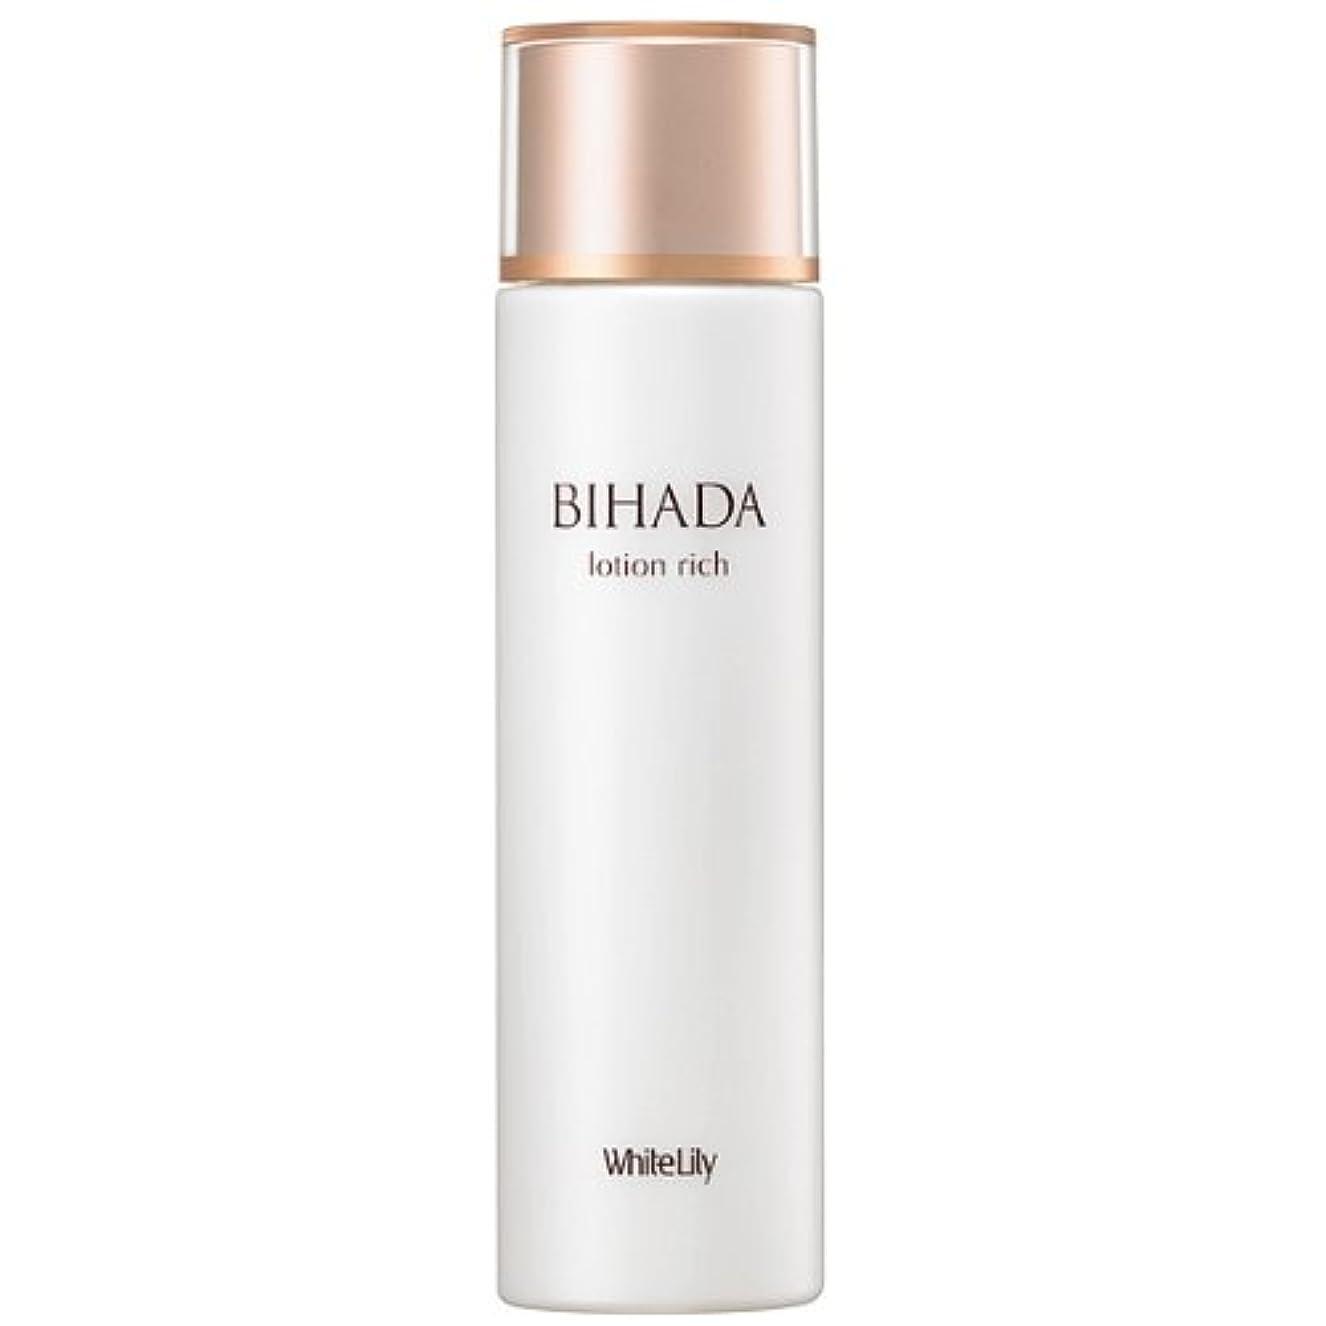 ホワイトリリー BIHADAローションリッチ 155mL 化粧水